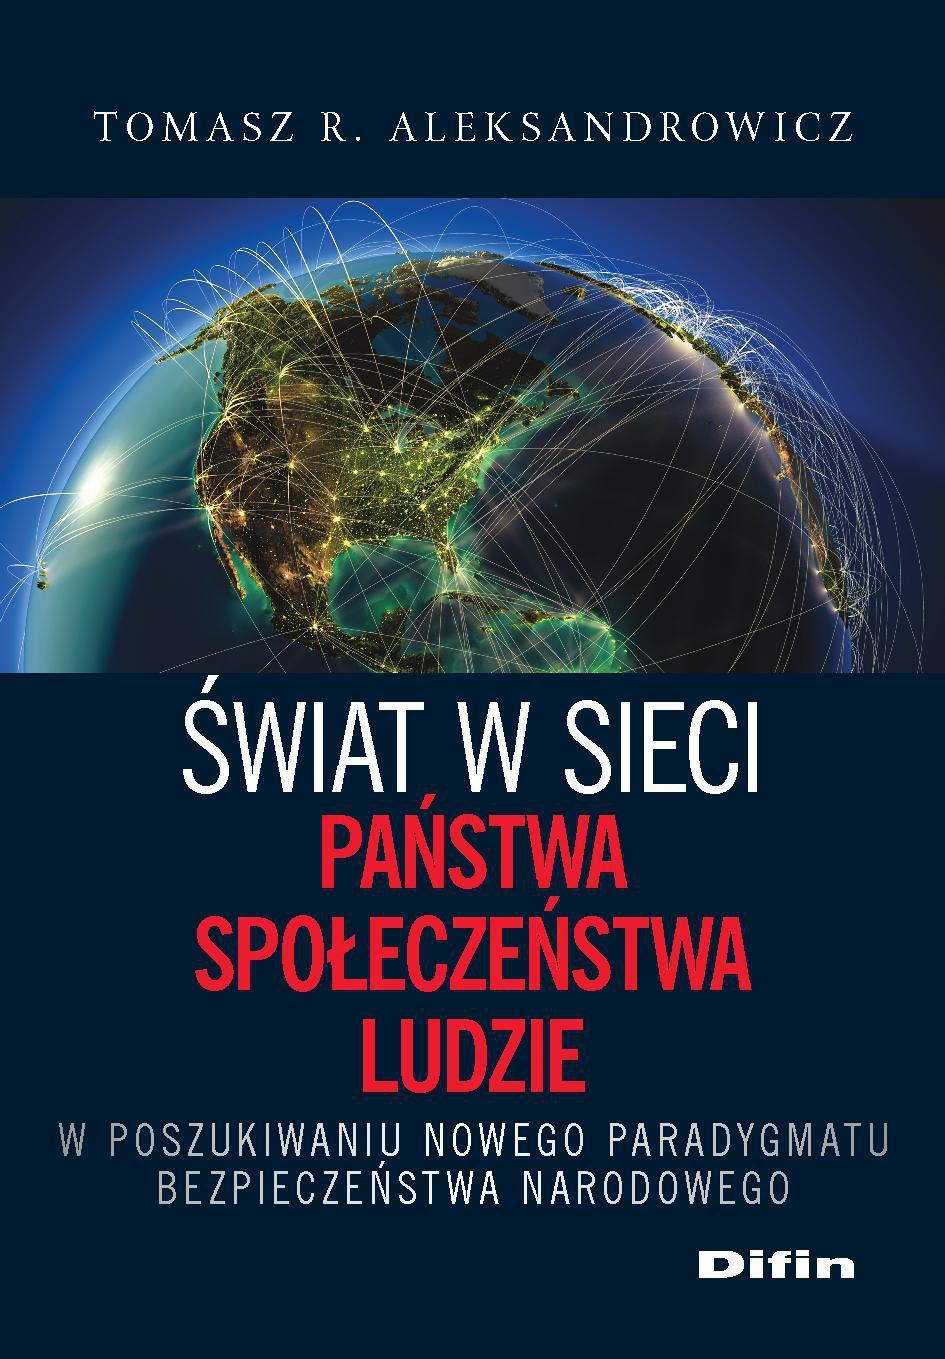 Świat w sieci. Państwa, społeczeństwa, ludzie. W poszukiwaniu nowego paradygmatu bezpieczeństwa narodowego - Ebook (Książka PDF) do pobrania w formacie PDF